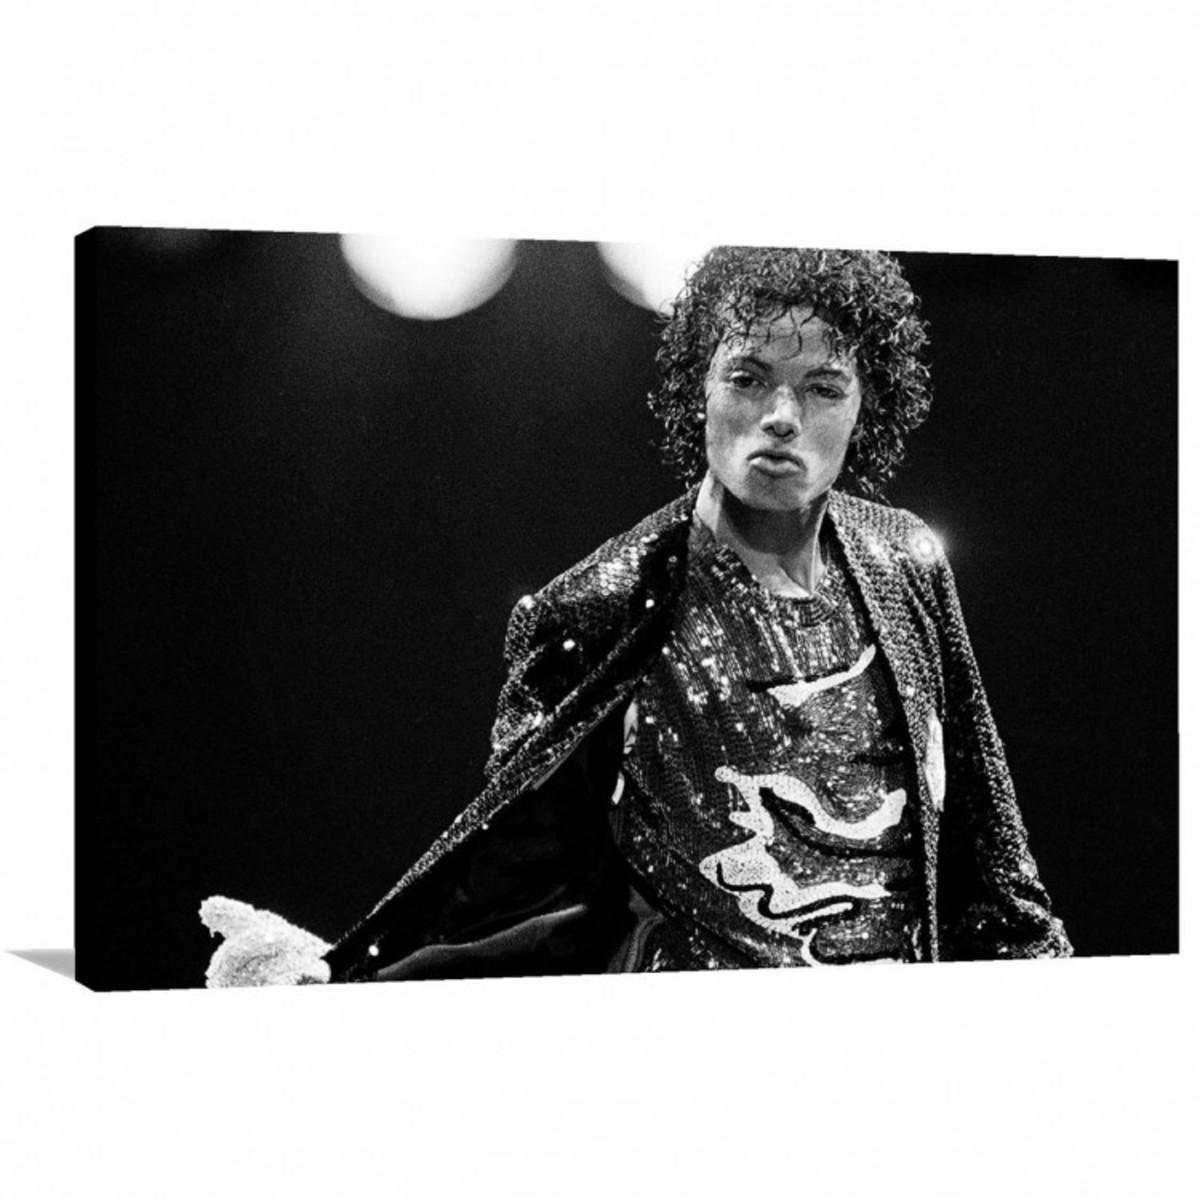 f4dfbf1f69 Quadro Michael Jackson Show decorativo com Tela em Tecido no Elo7 ...